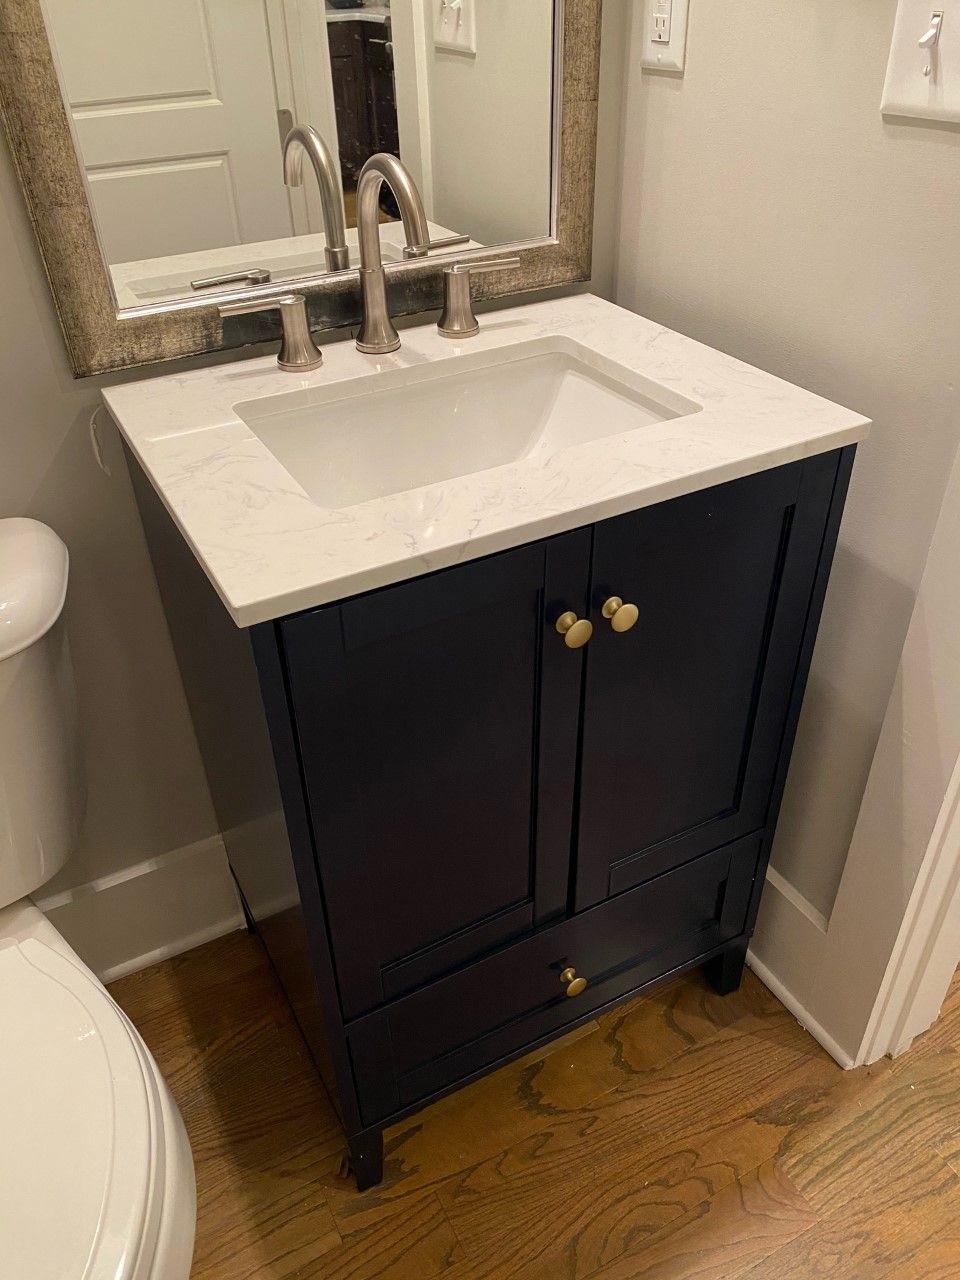 Vanity & Mirror Install